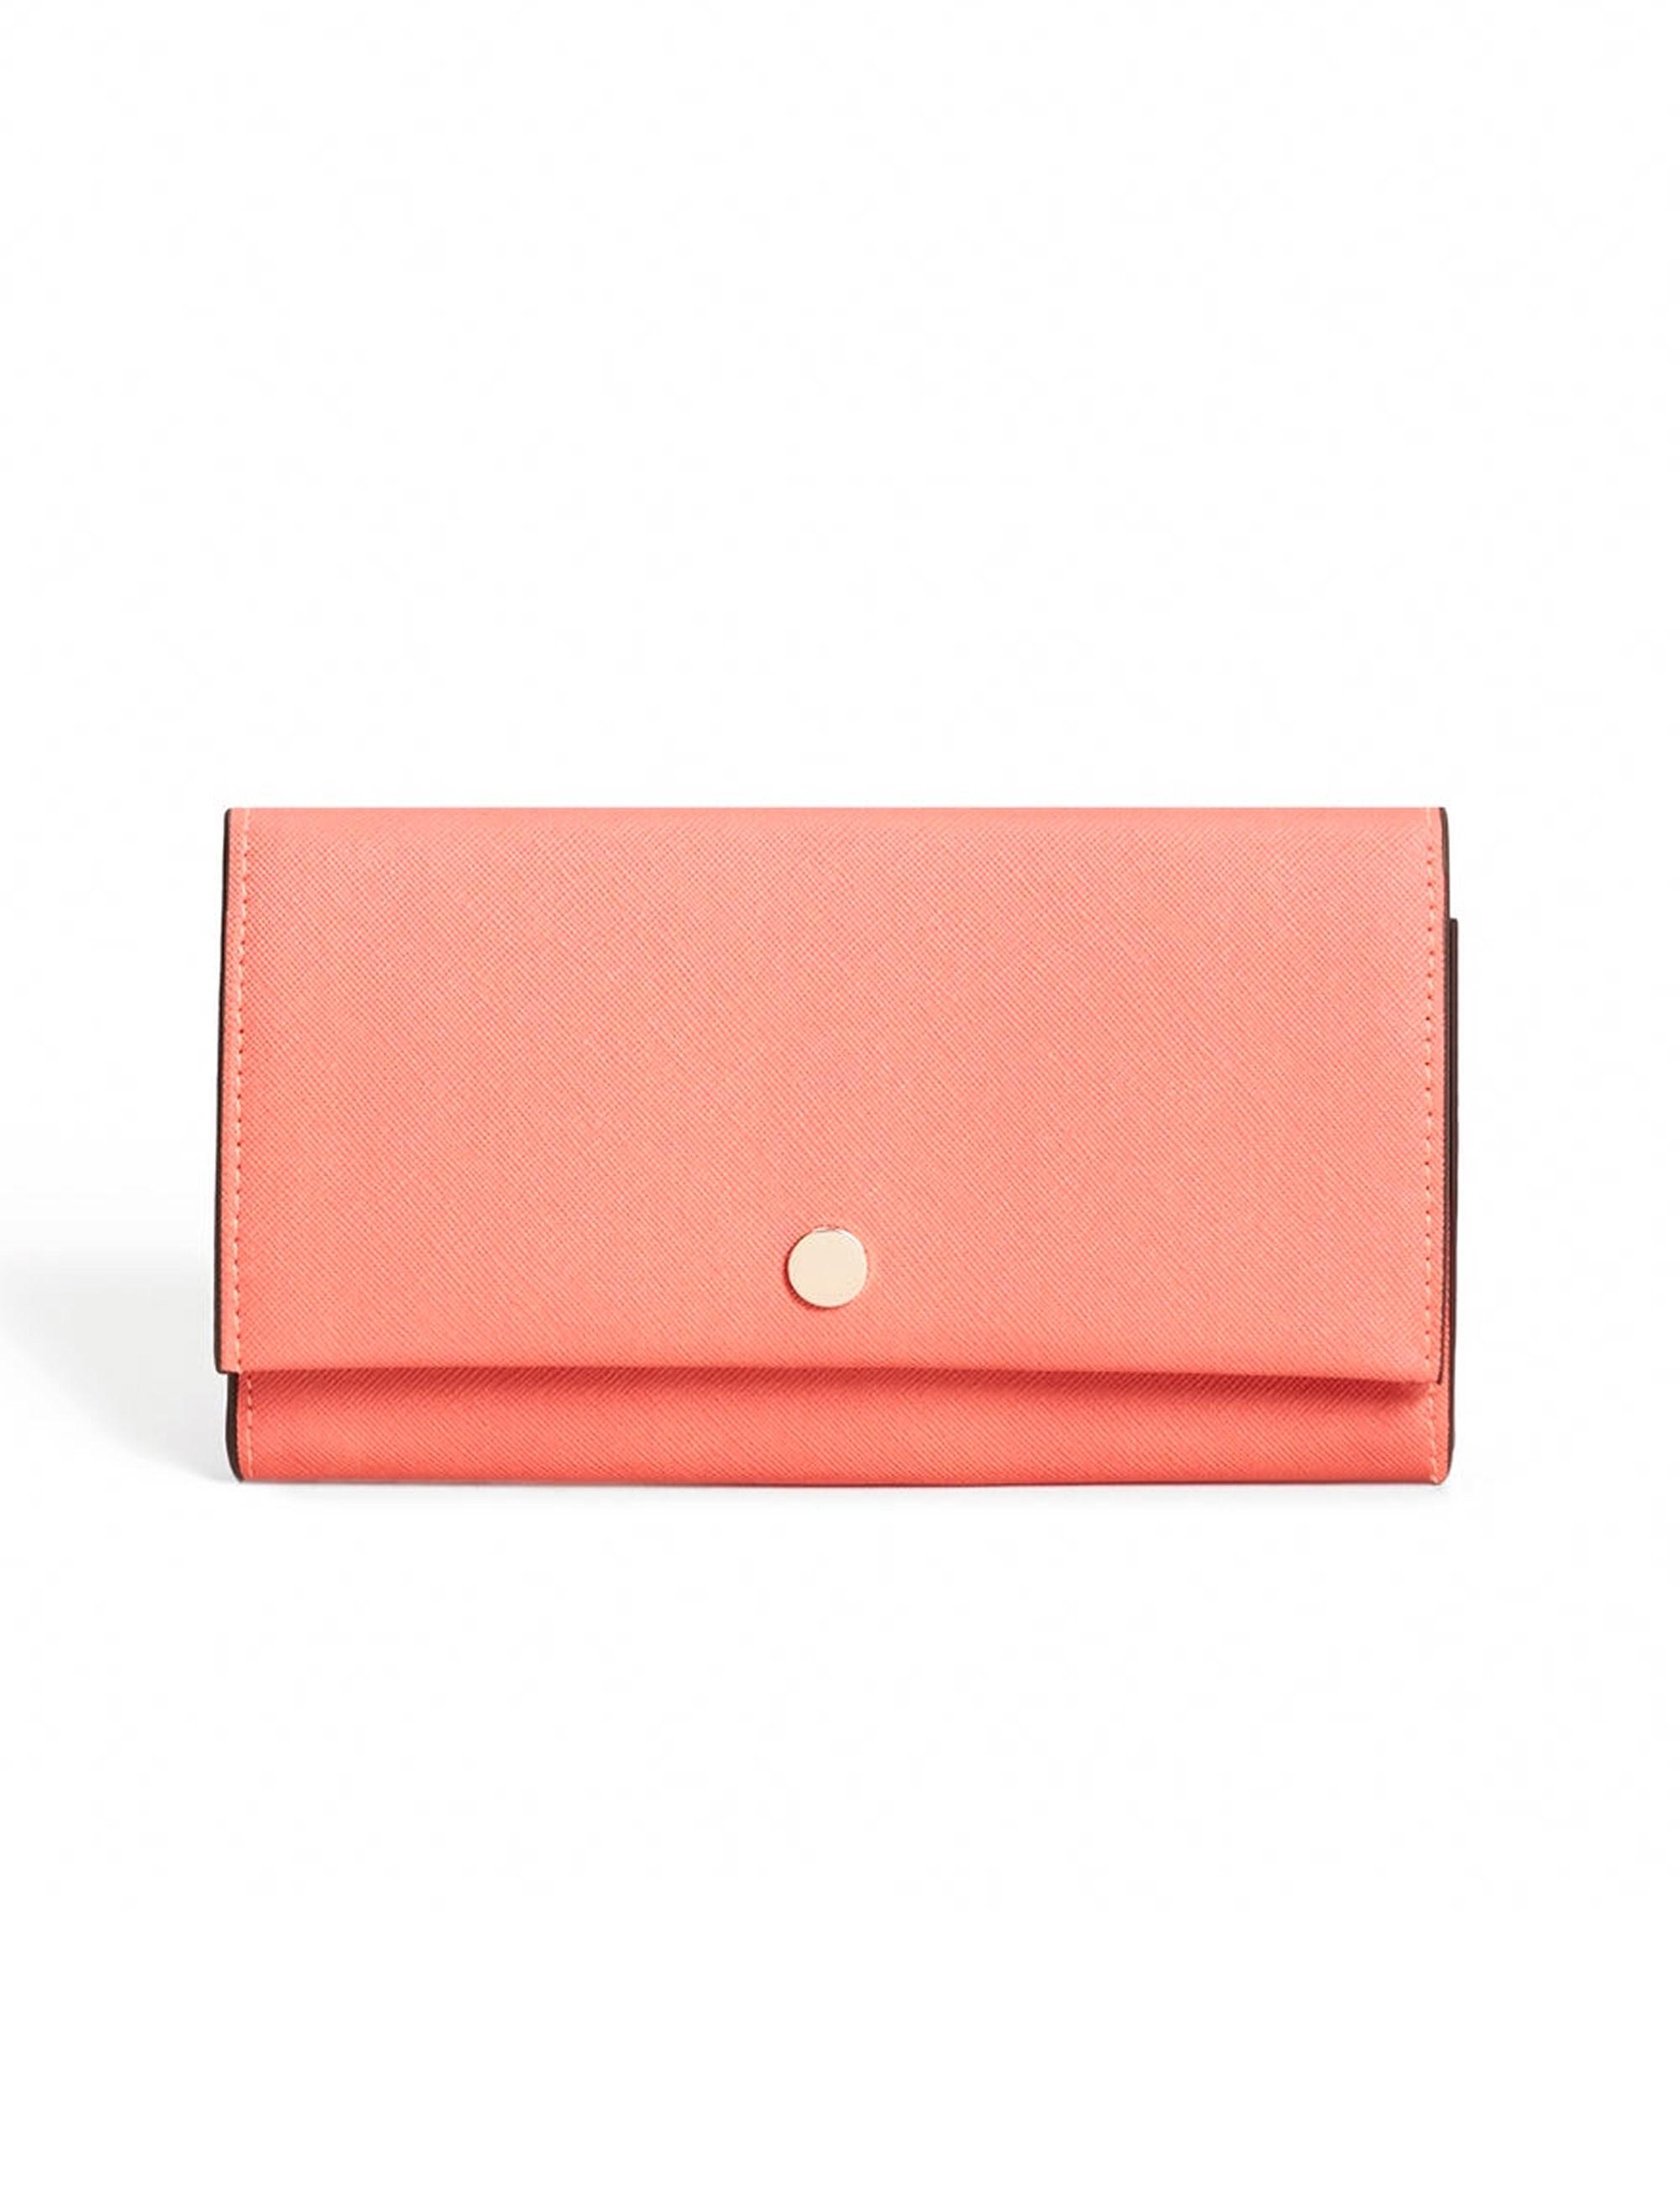 کیف پول دکمه دار زنانه - ویولتا بای مانگو تک سایز